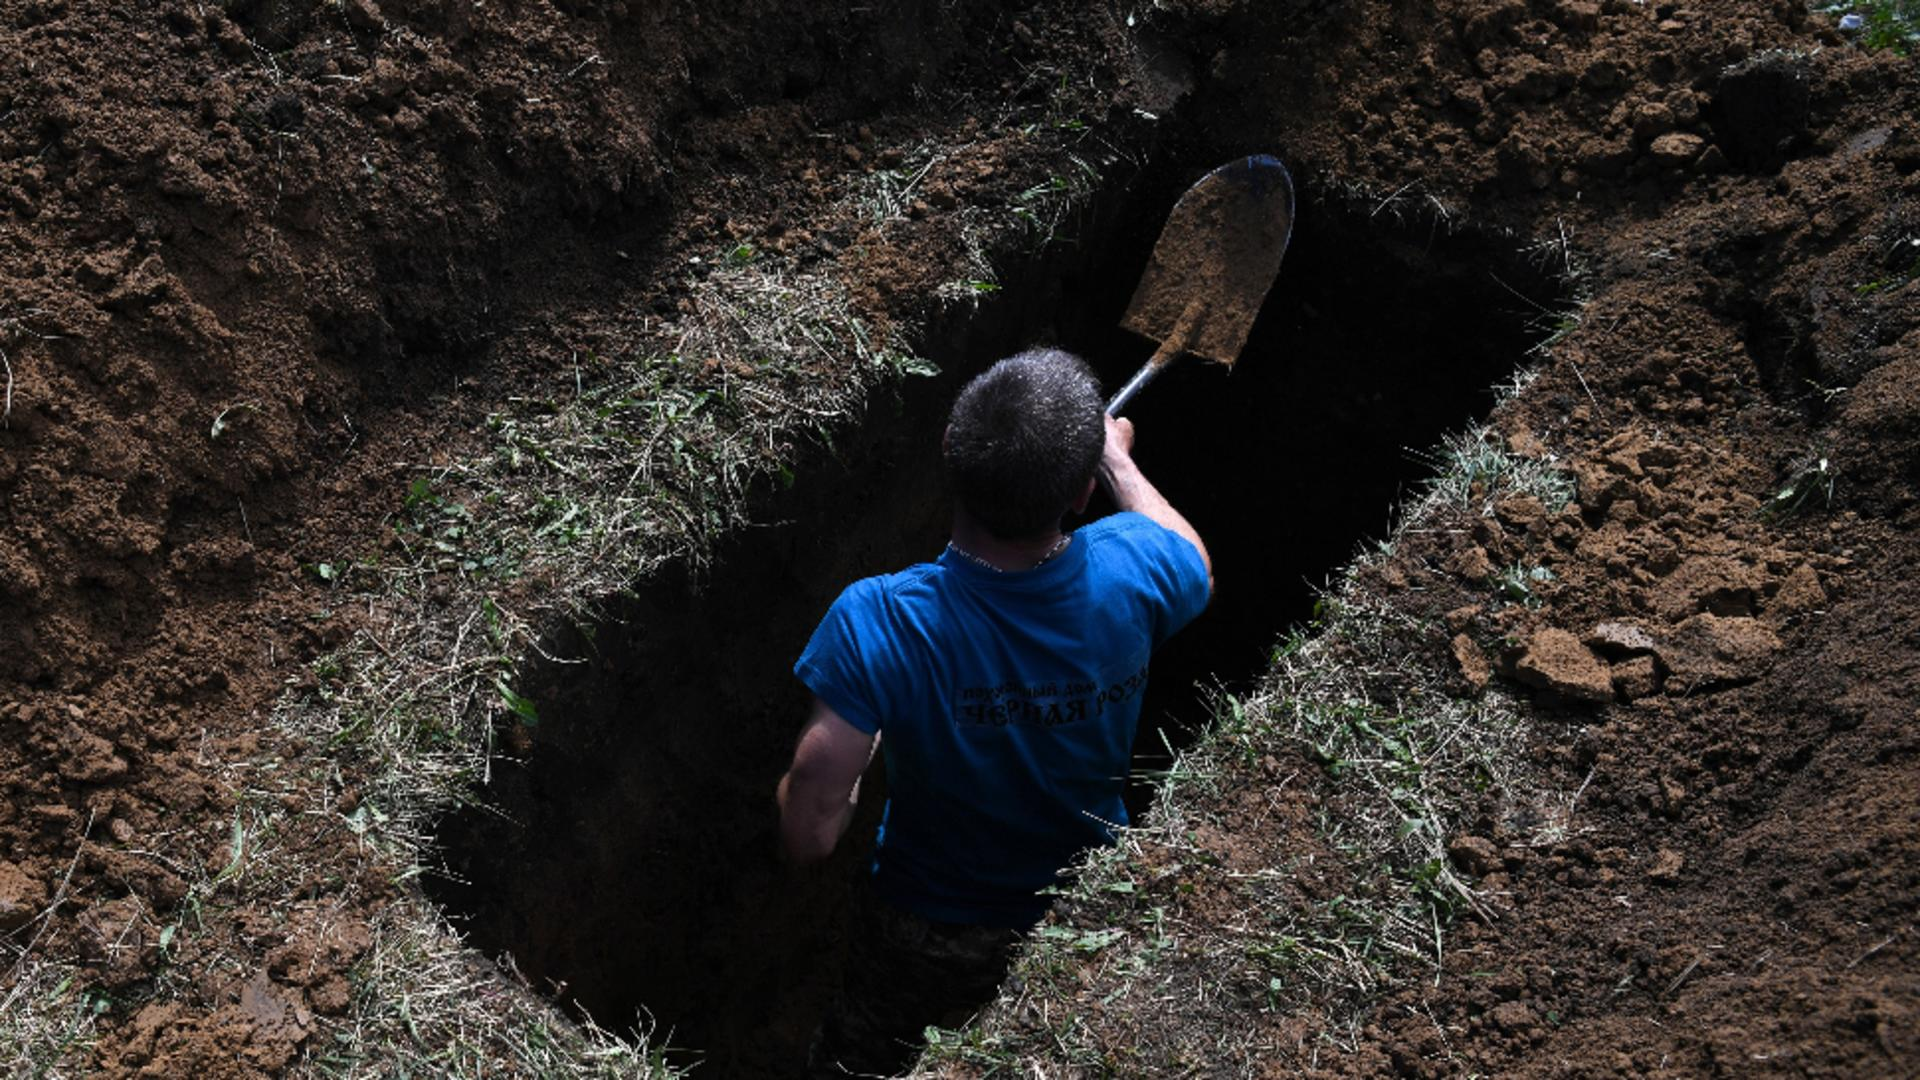 Ce au găsit în mormântul unui bărbat mort de 15 ani / Foto: Profi Media